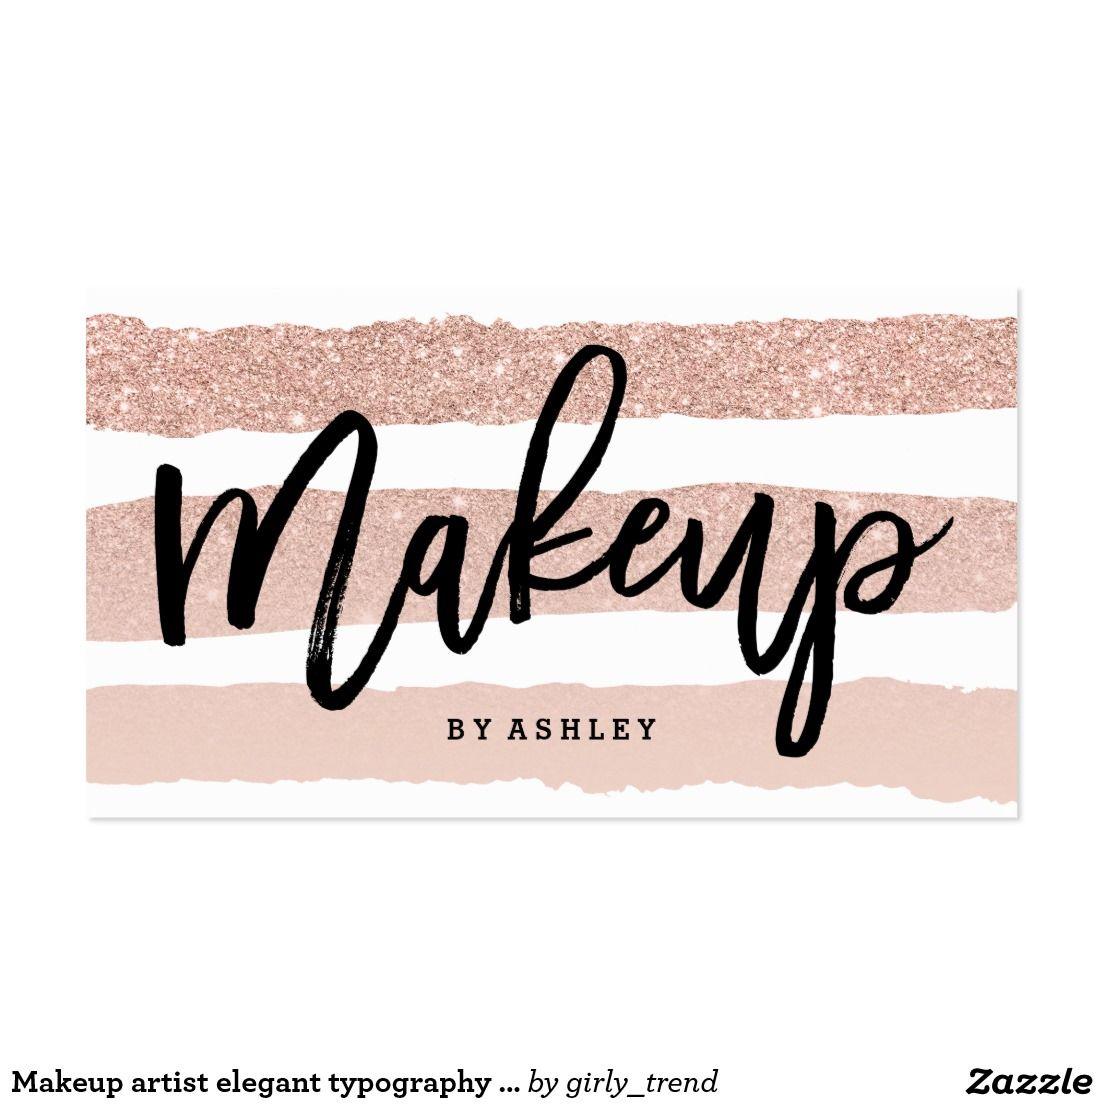 Makeup artist elegant typography rose gold stripes business card ...